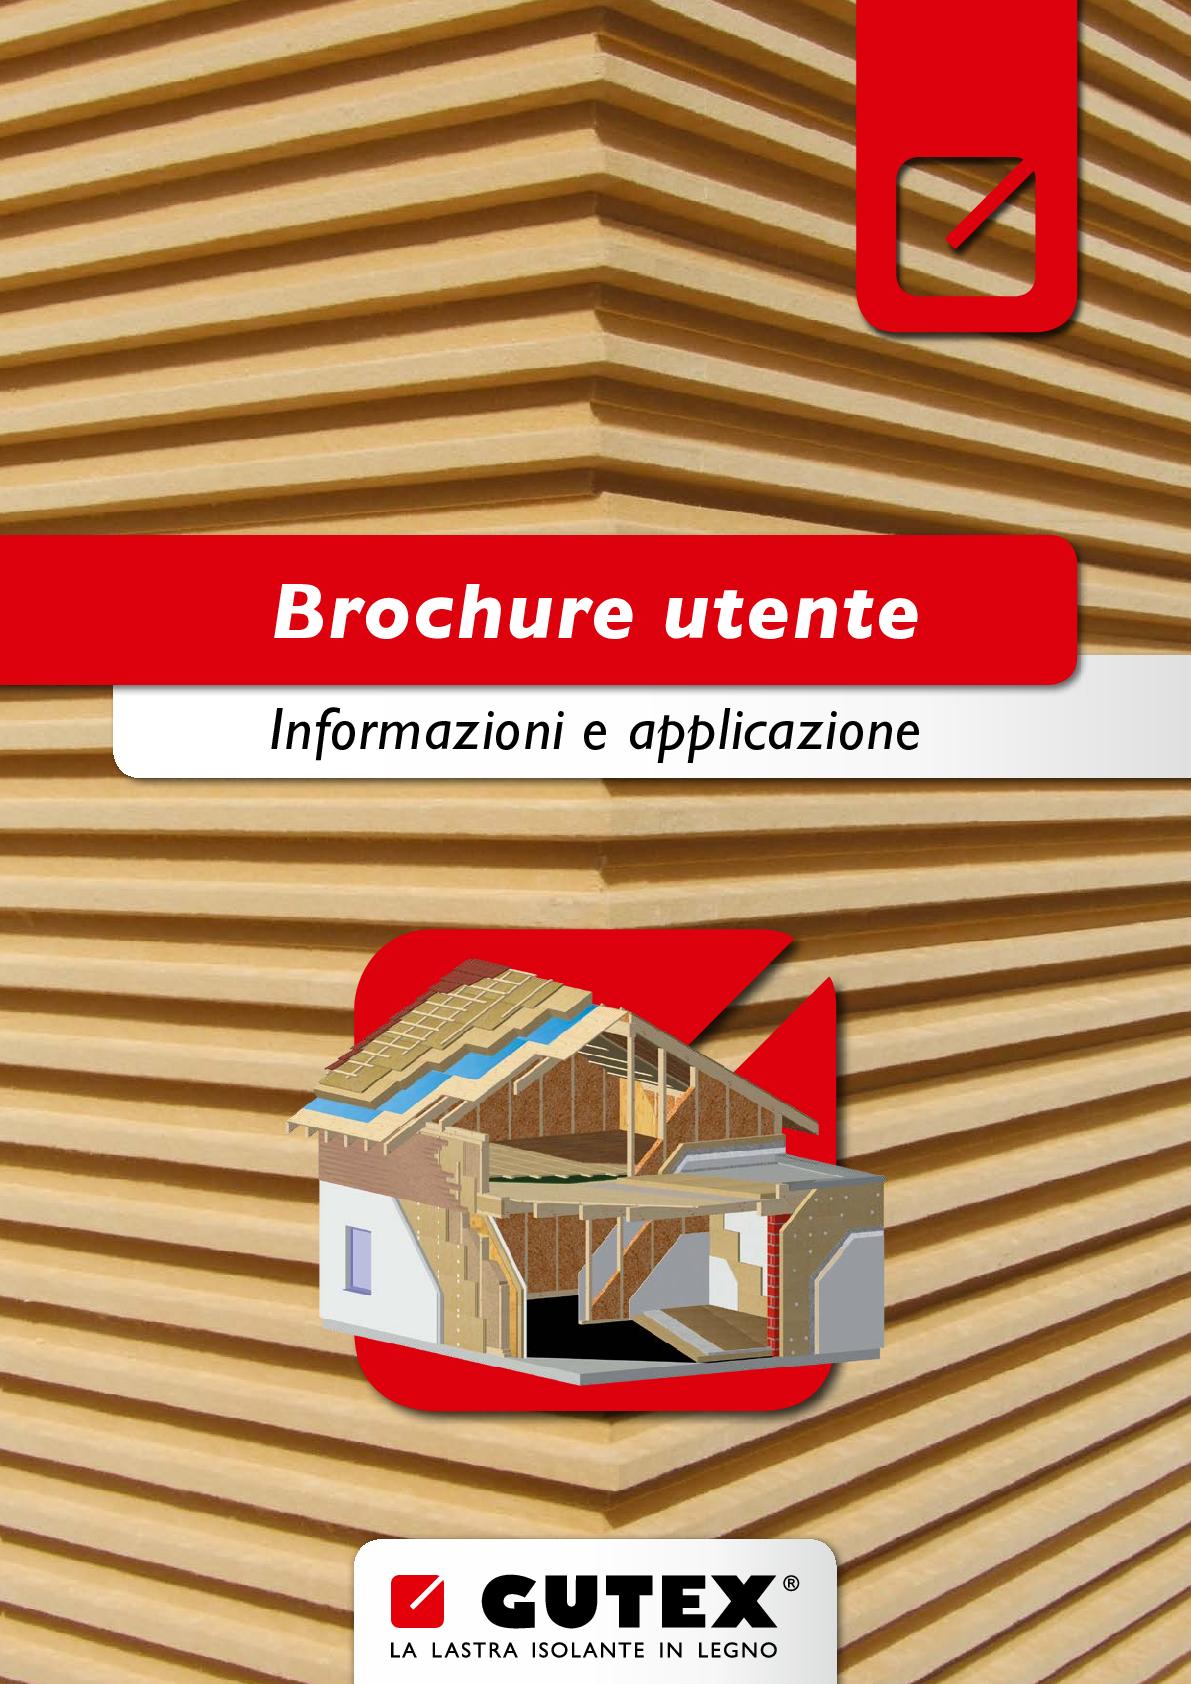 Gutex Brochure di Gamma